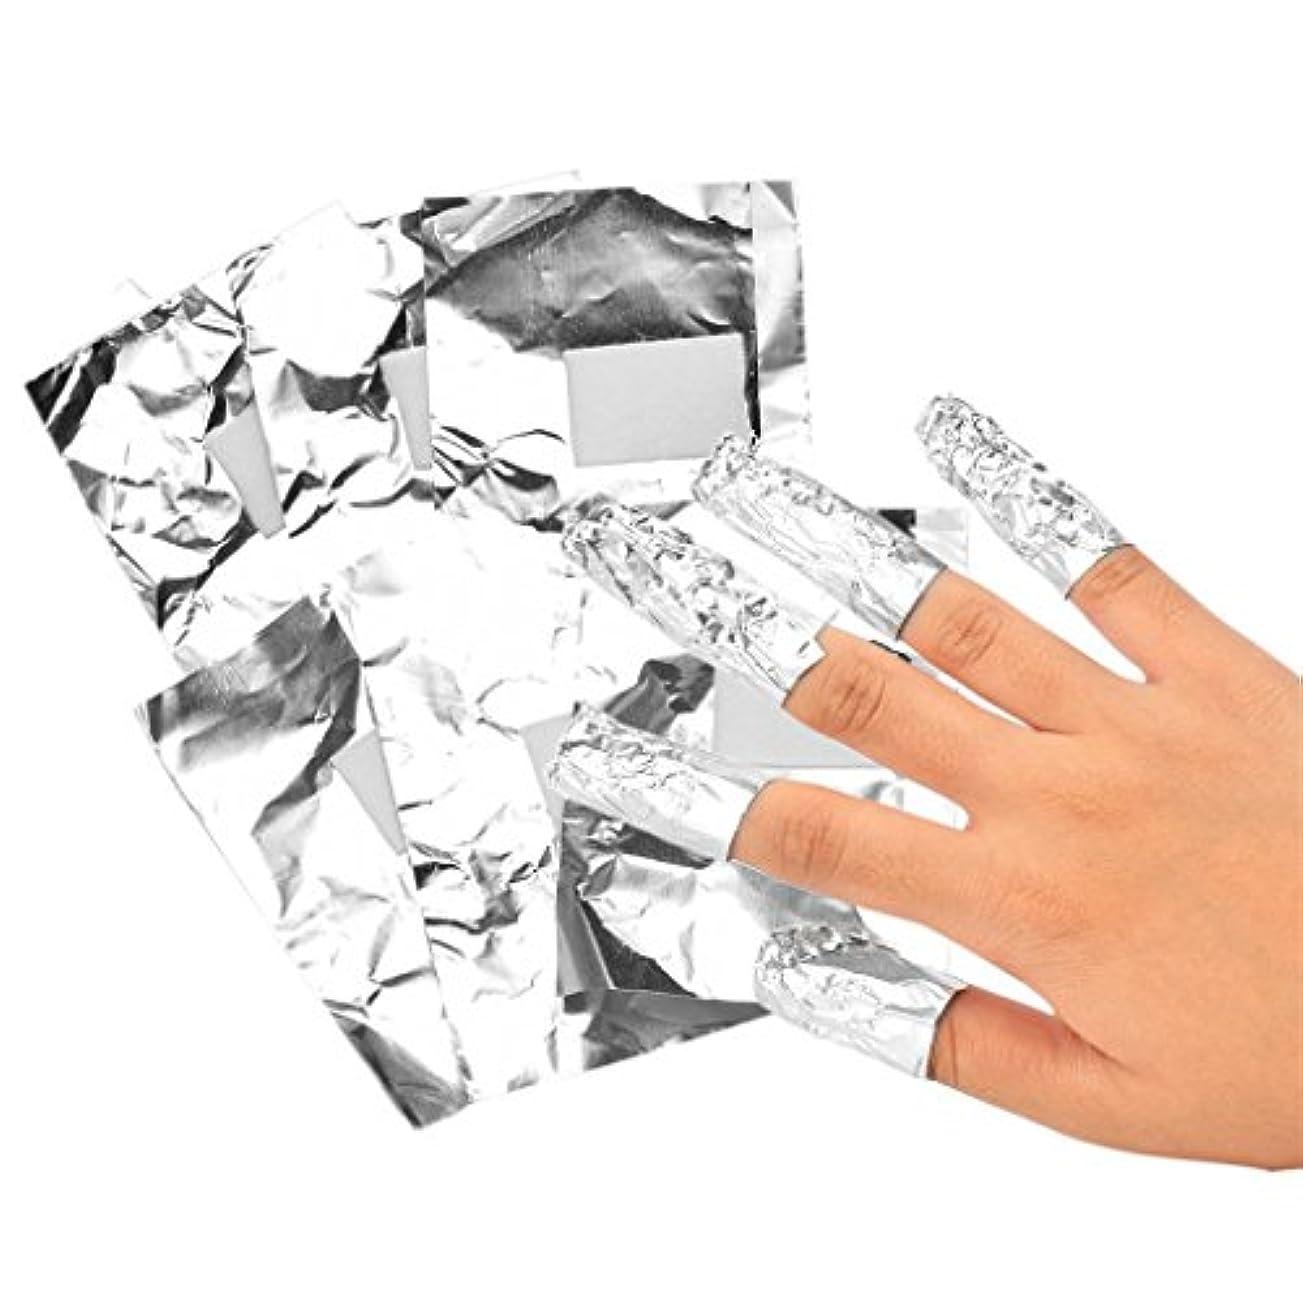 不可能なアダルトレスリング約100本入り ネイルフォイル アルミ箔 ネイルアートジェル除去ツール プロ 爪装飾除き 包み紙